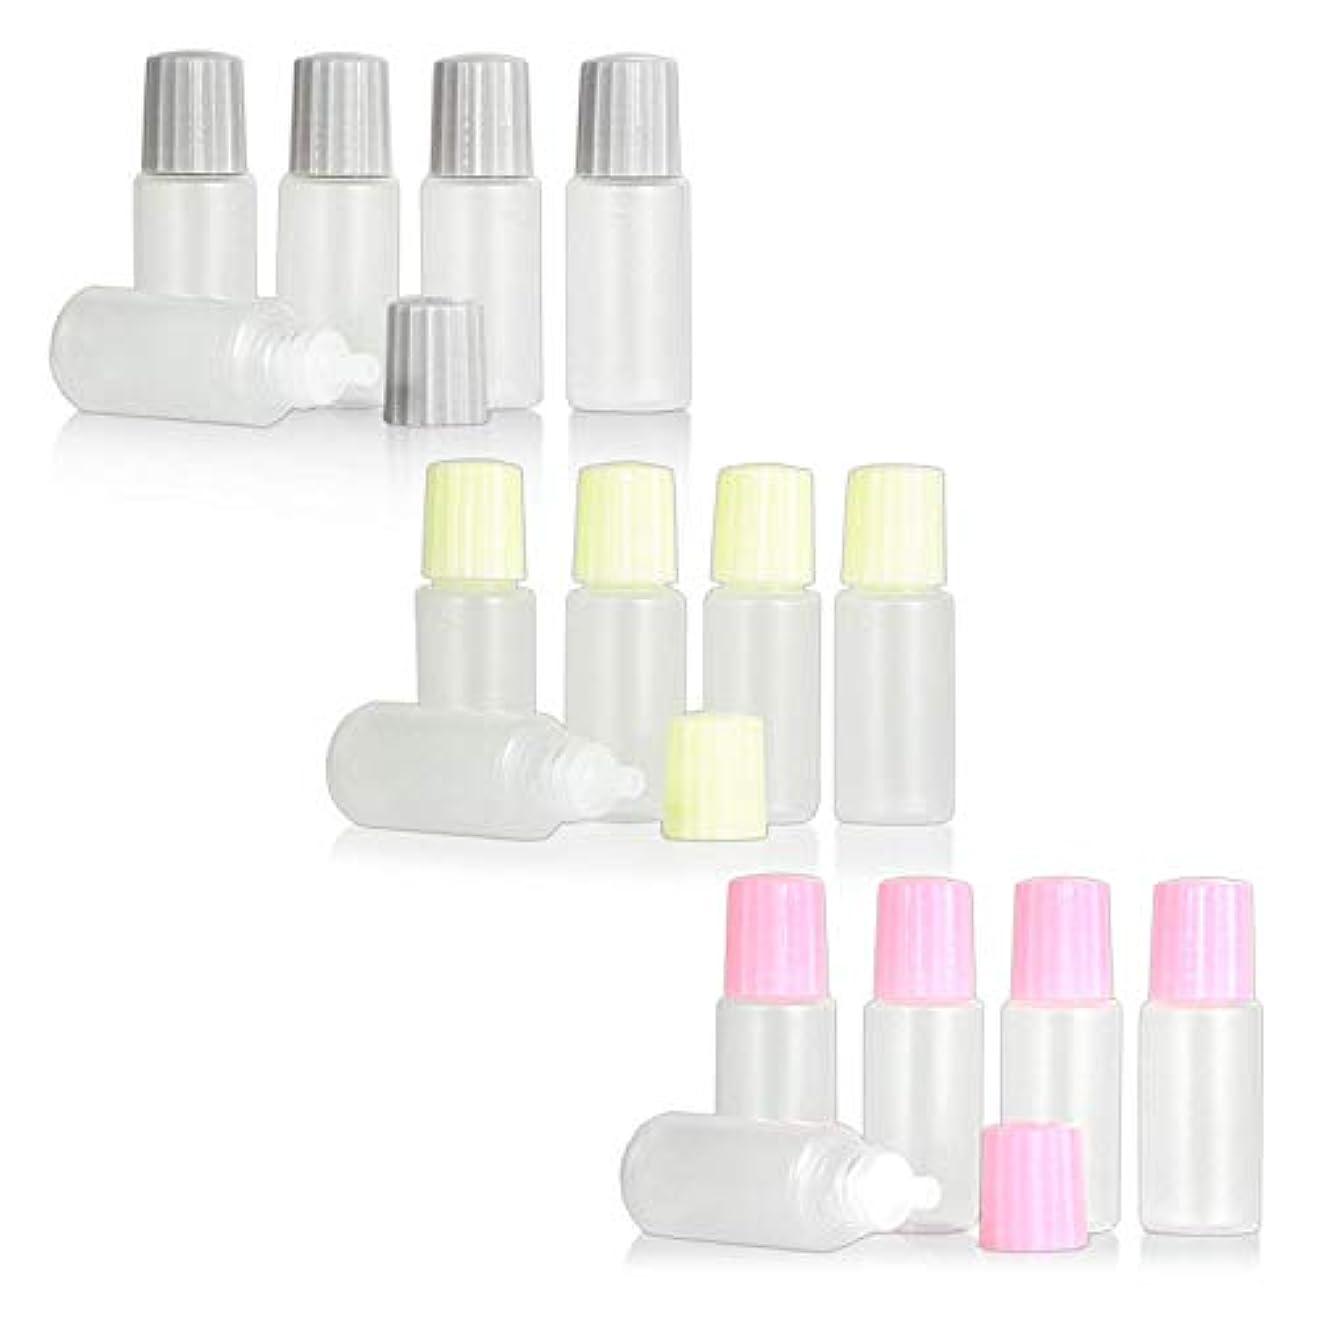 完璧な農民流行スポイトタイプ点眼容器 3色キャップ 各5本セット ピンク クリーム色 グレー 10ml